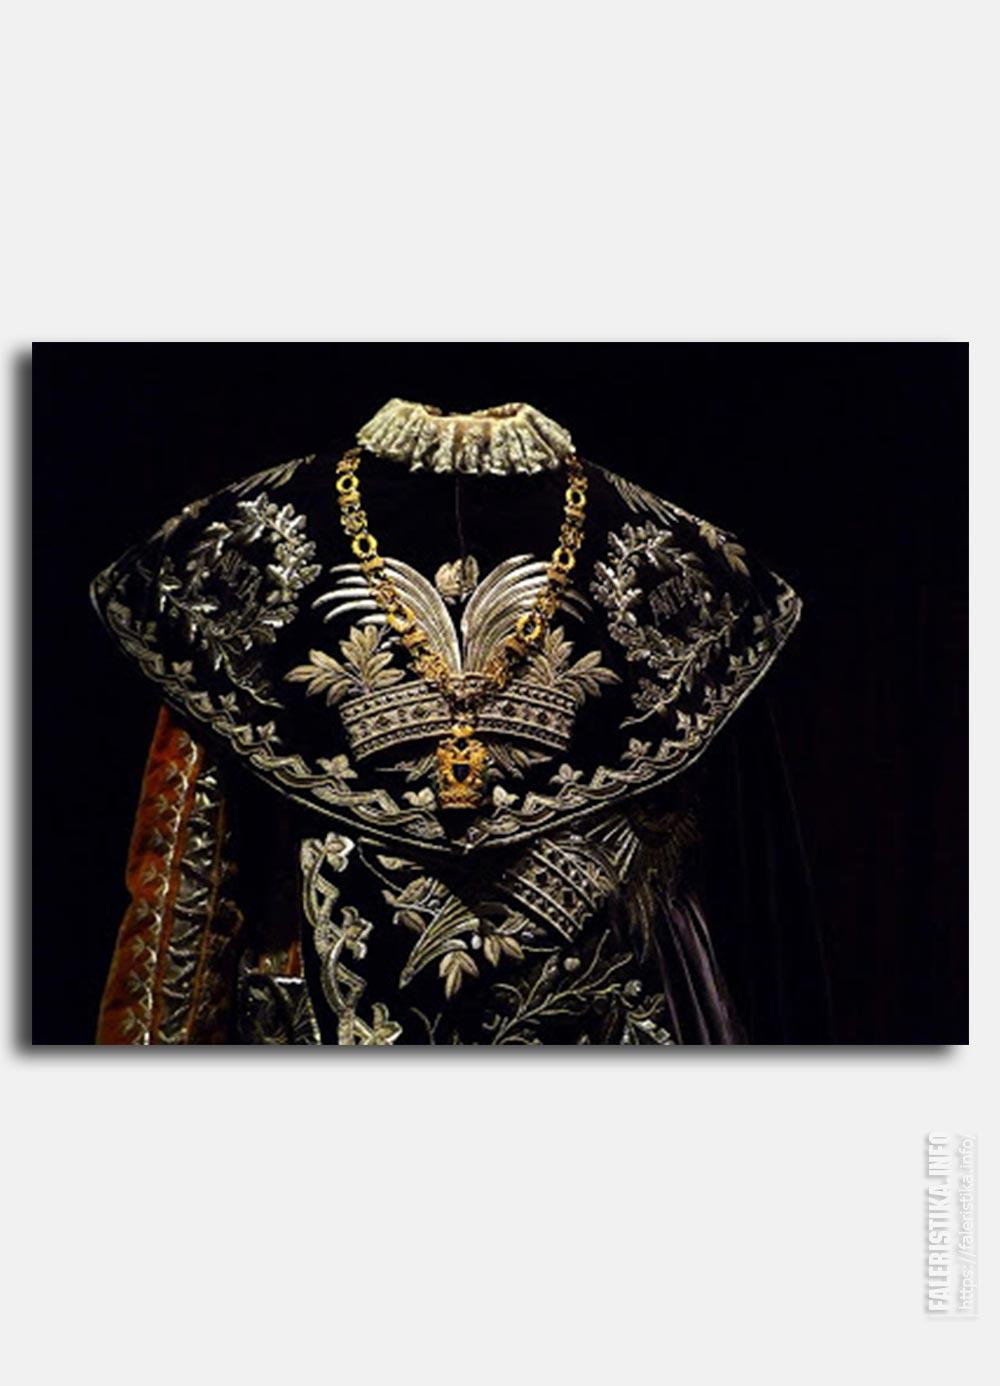 Орден Железной Короны. Церемониальные одежды. Фрагмент. Цепь. Знак. Аверс